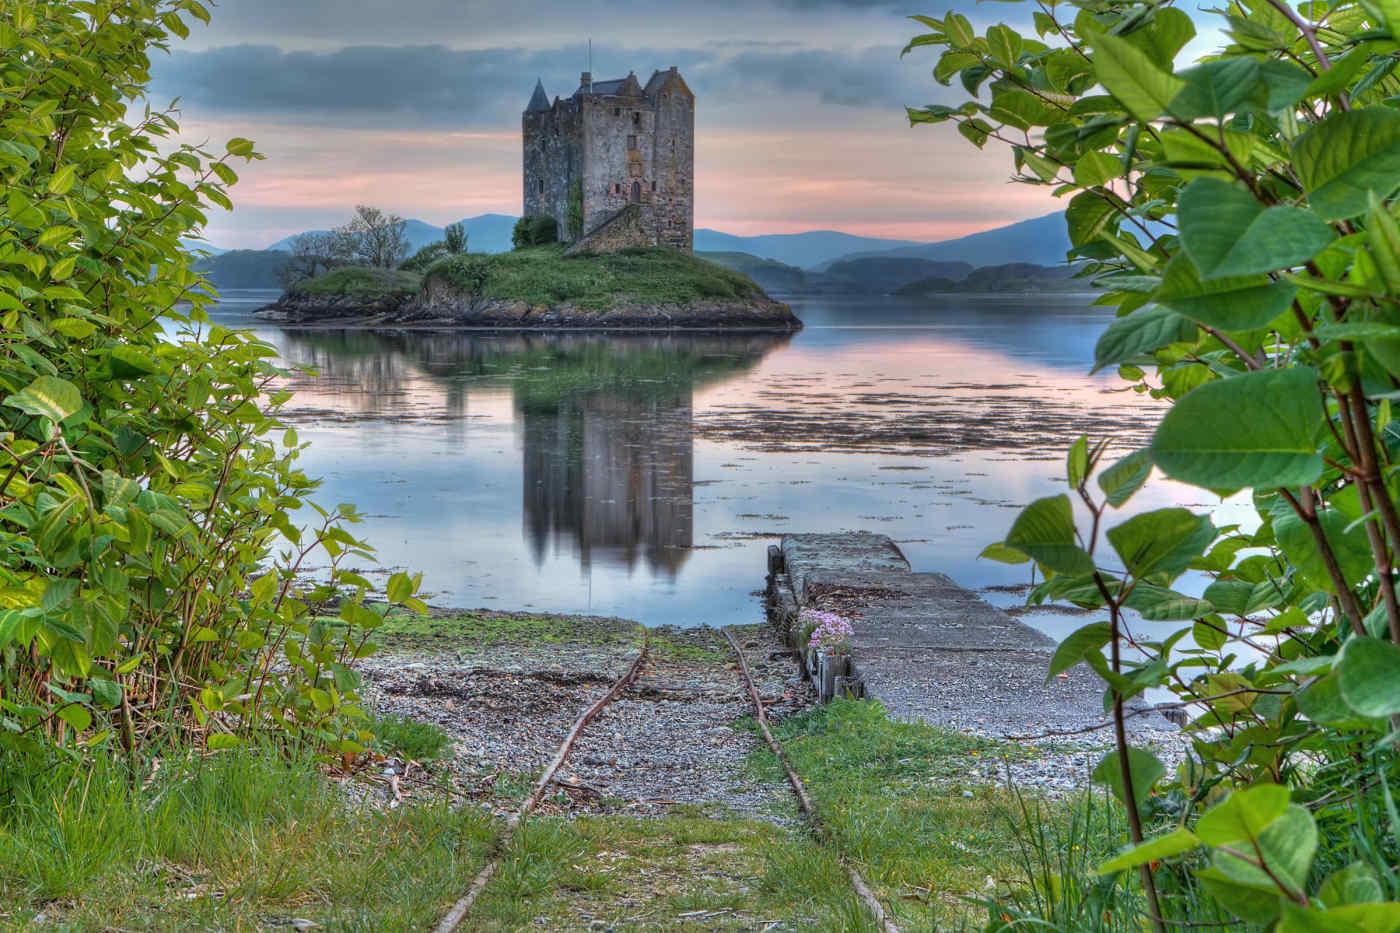 Stalker Castle in Appin, Scotland